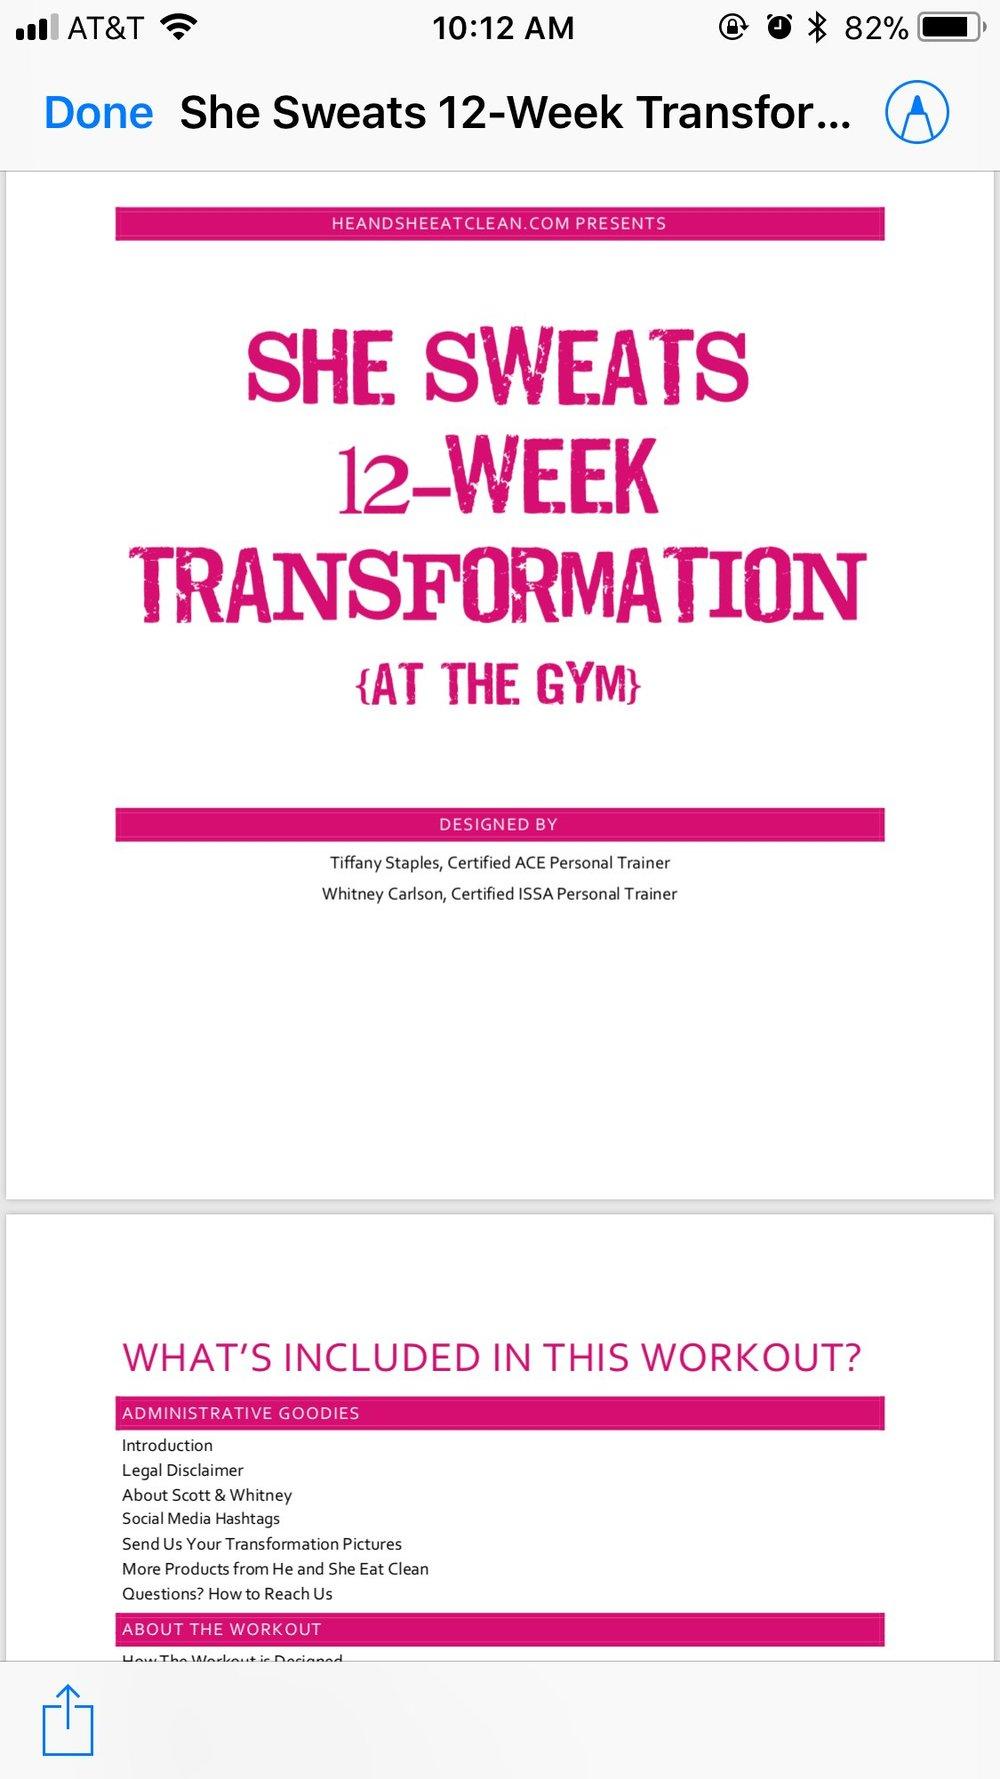 She Sweats 12-Week Transformation